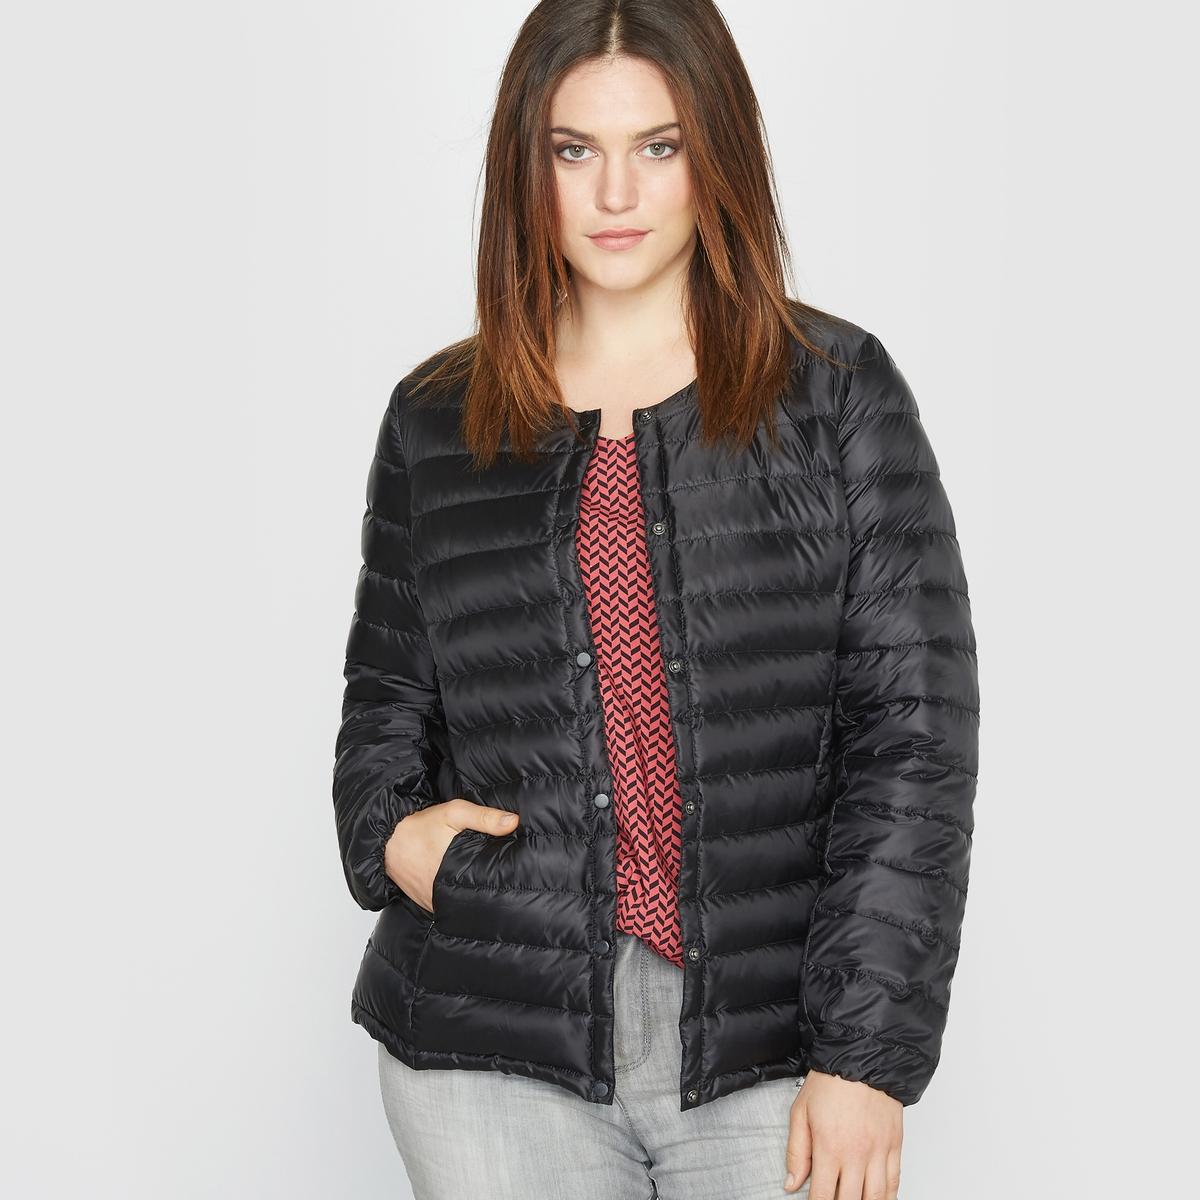 Куртка стеганая легкая экологичная